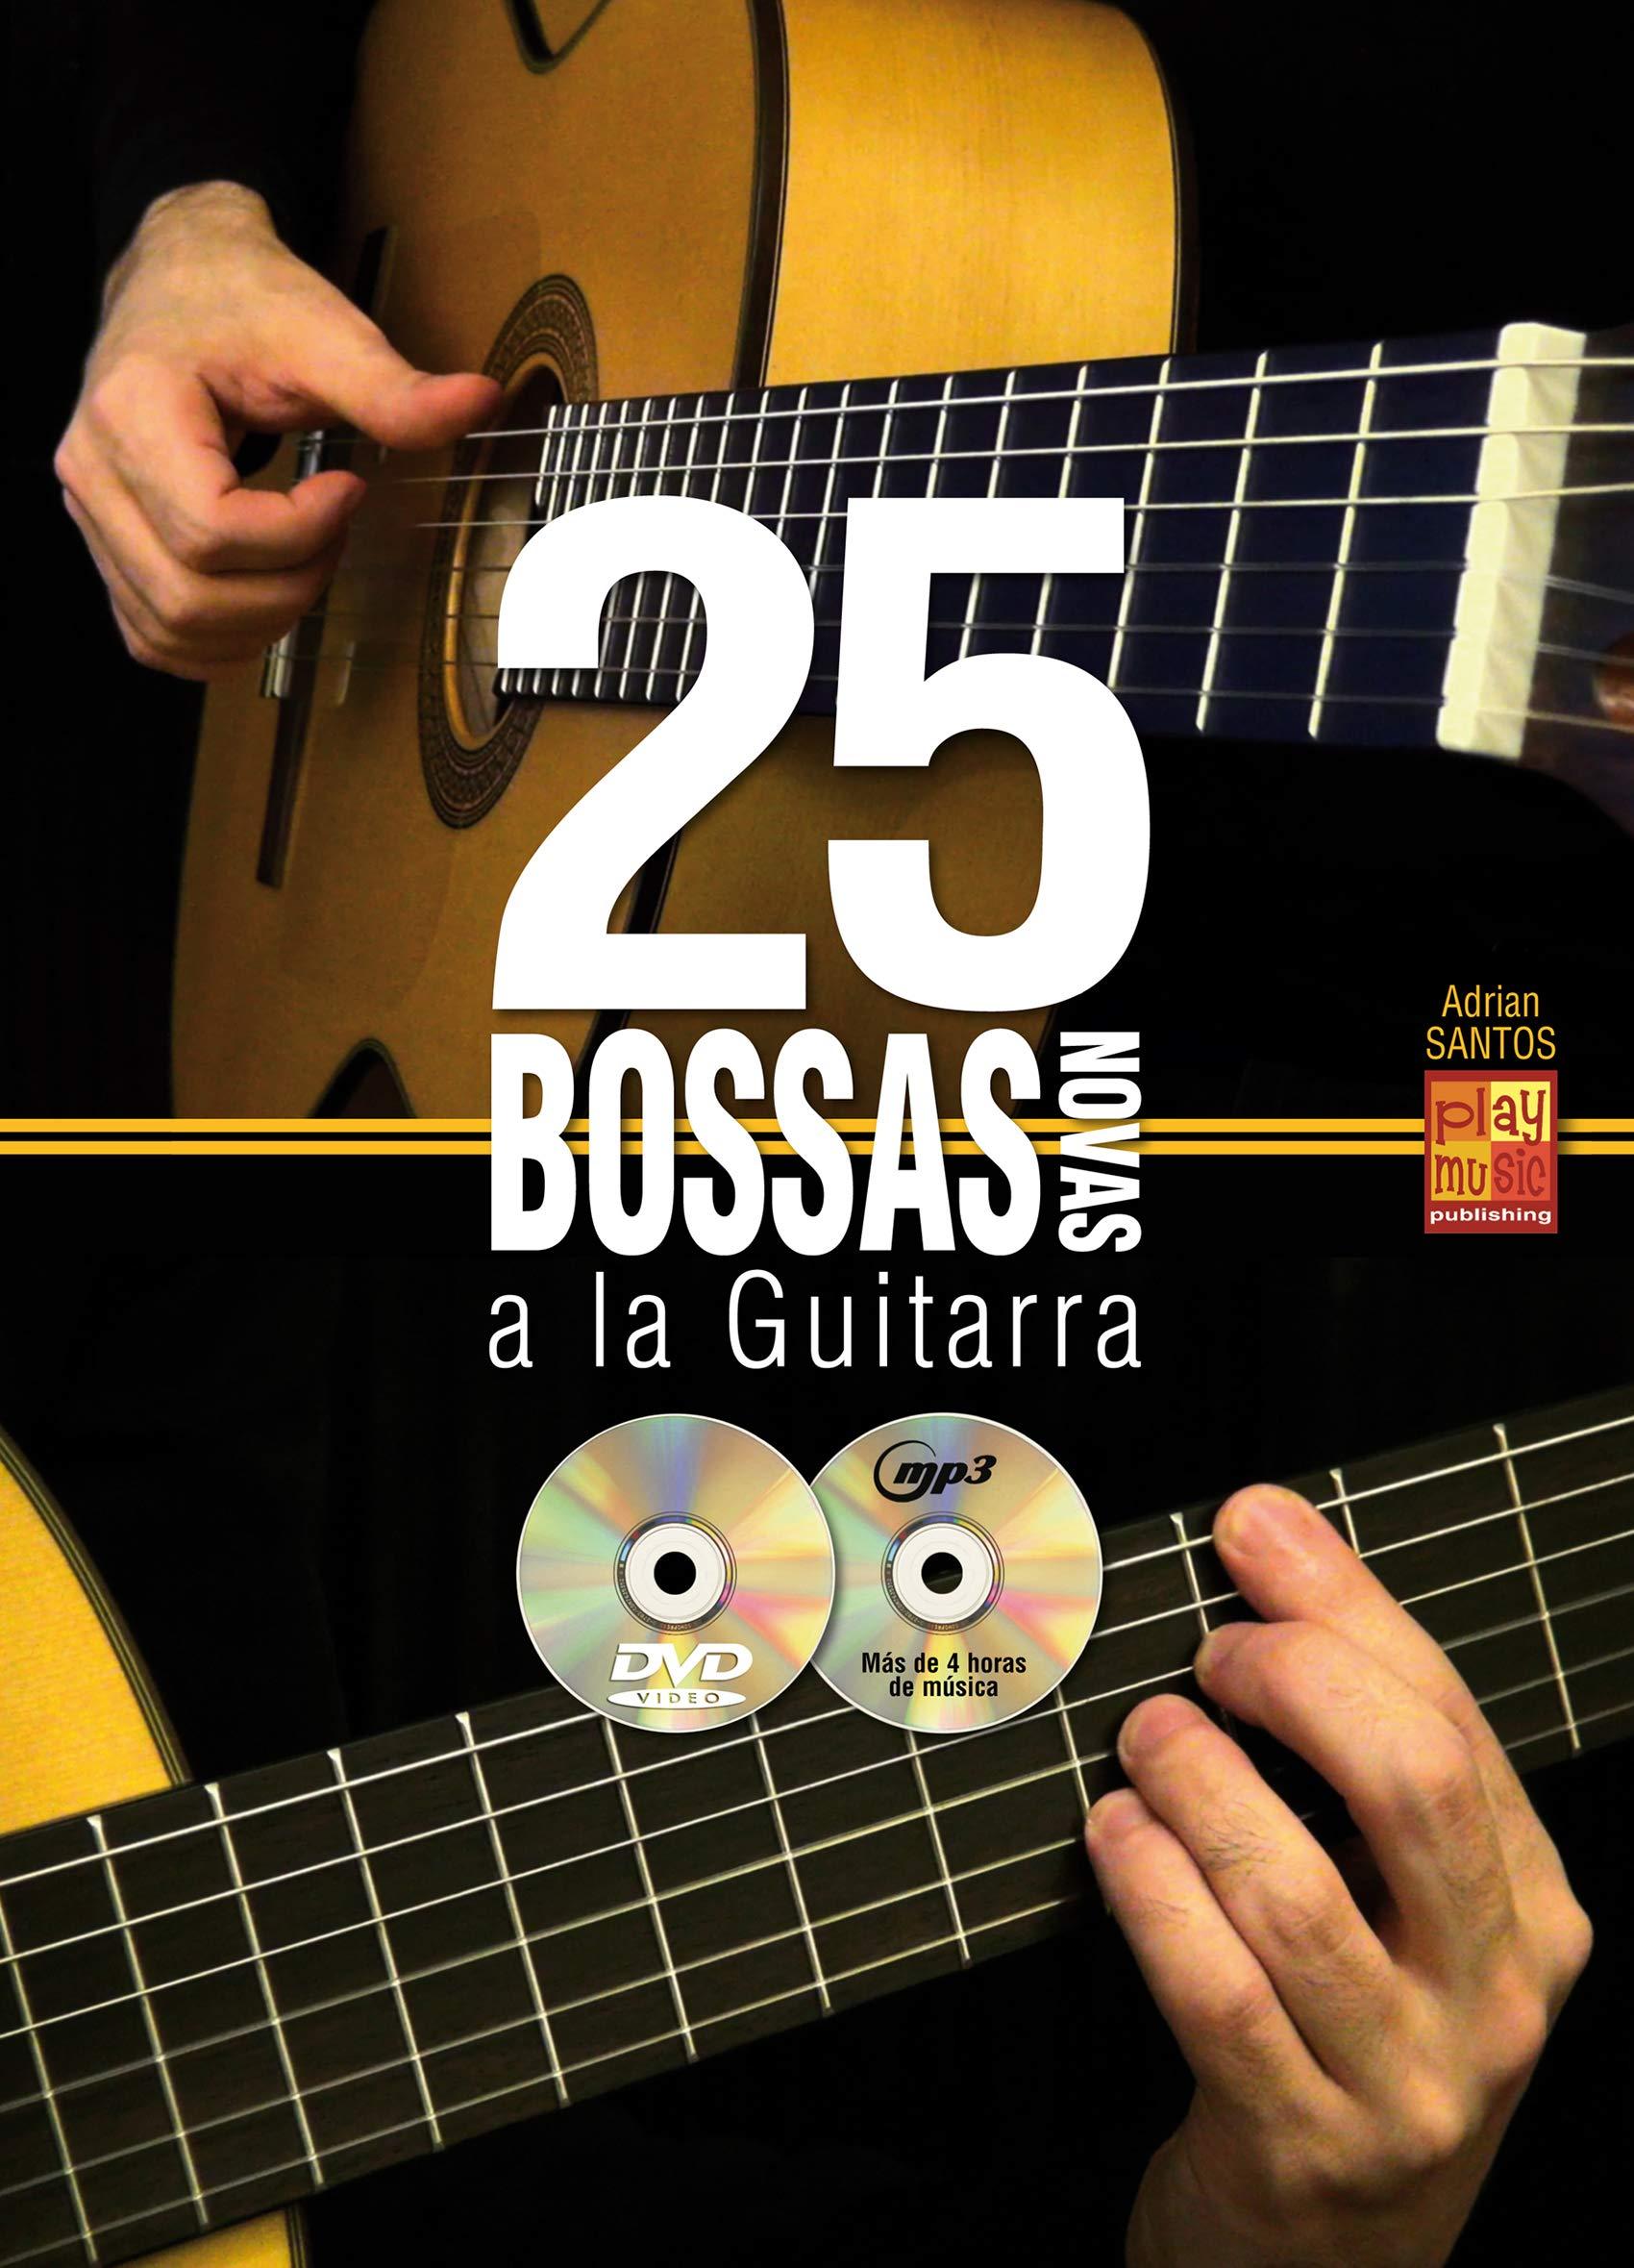 25 bossas novas a la guitarra - 1 Libro + 1 CD + 1 DVD: Amazon.es ...